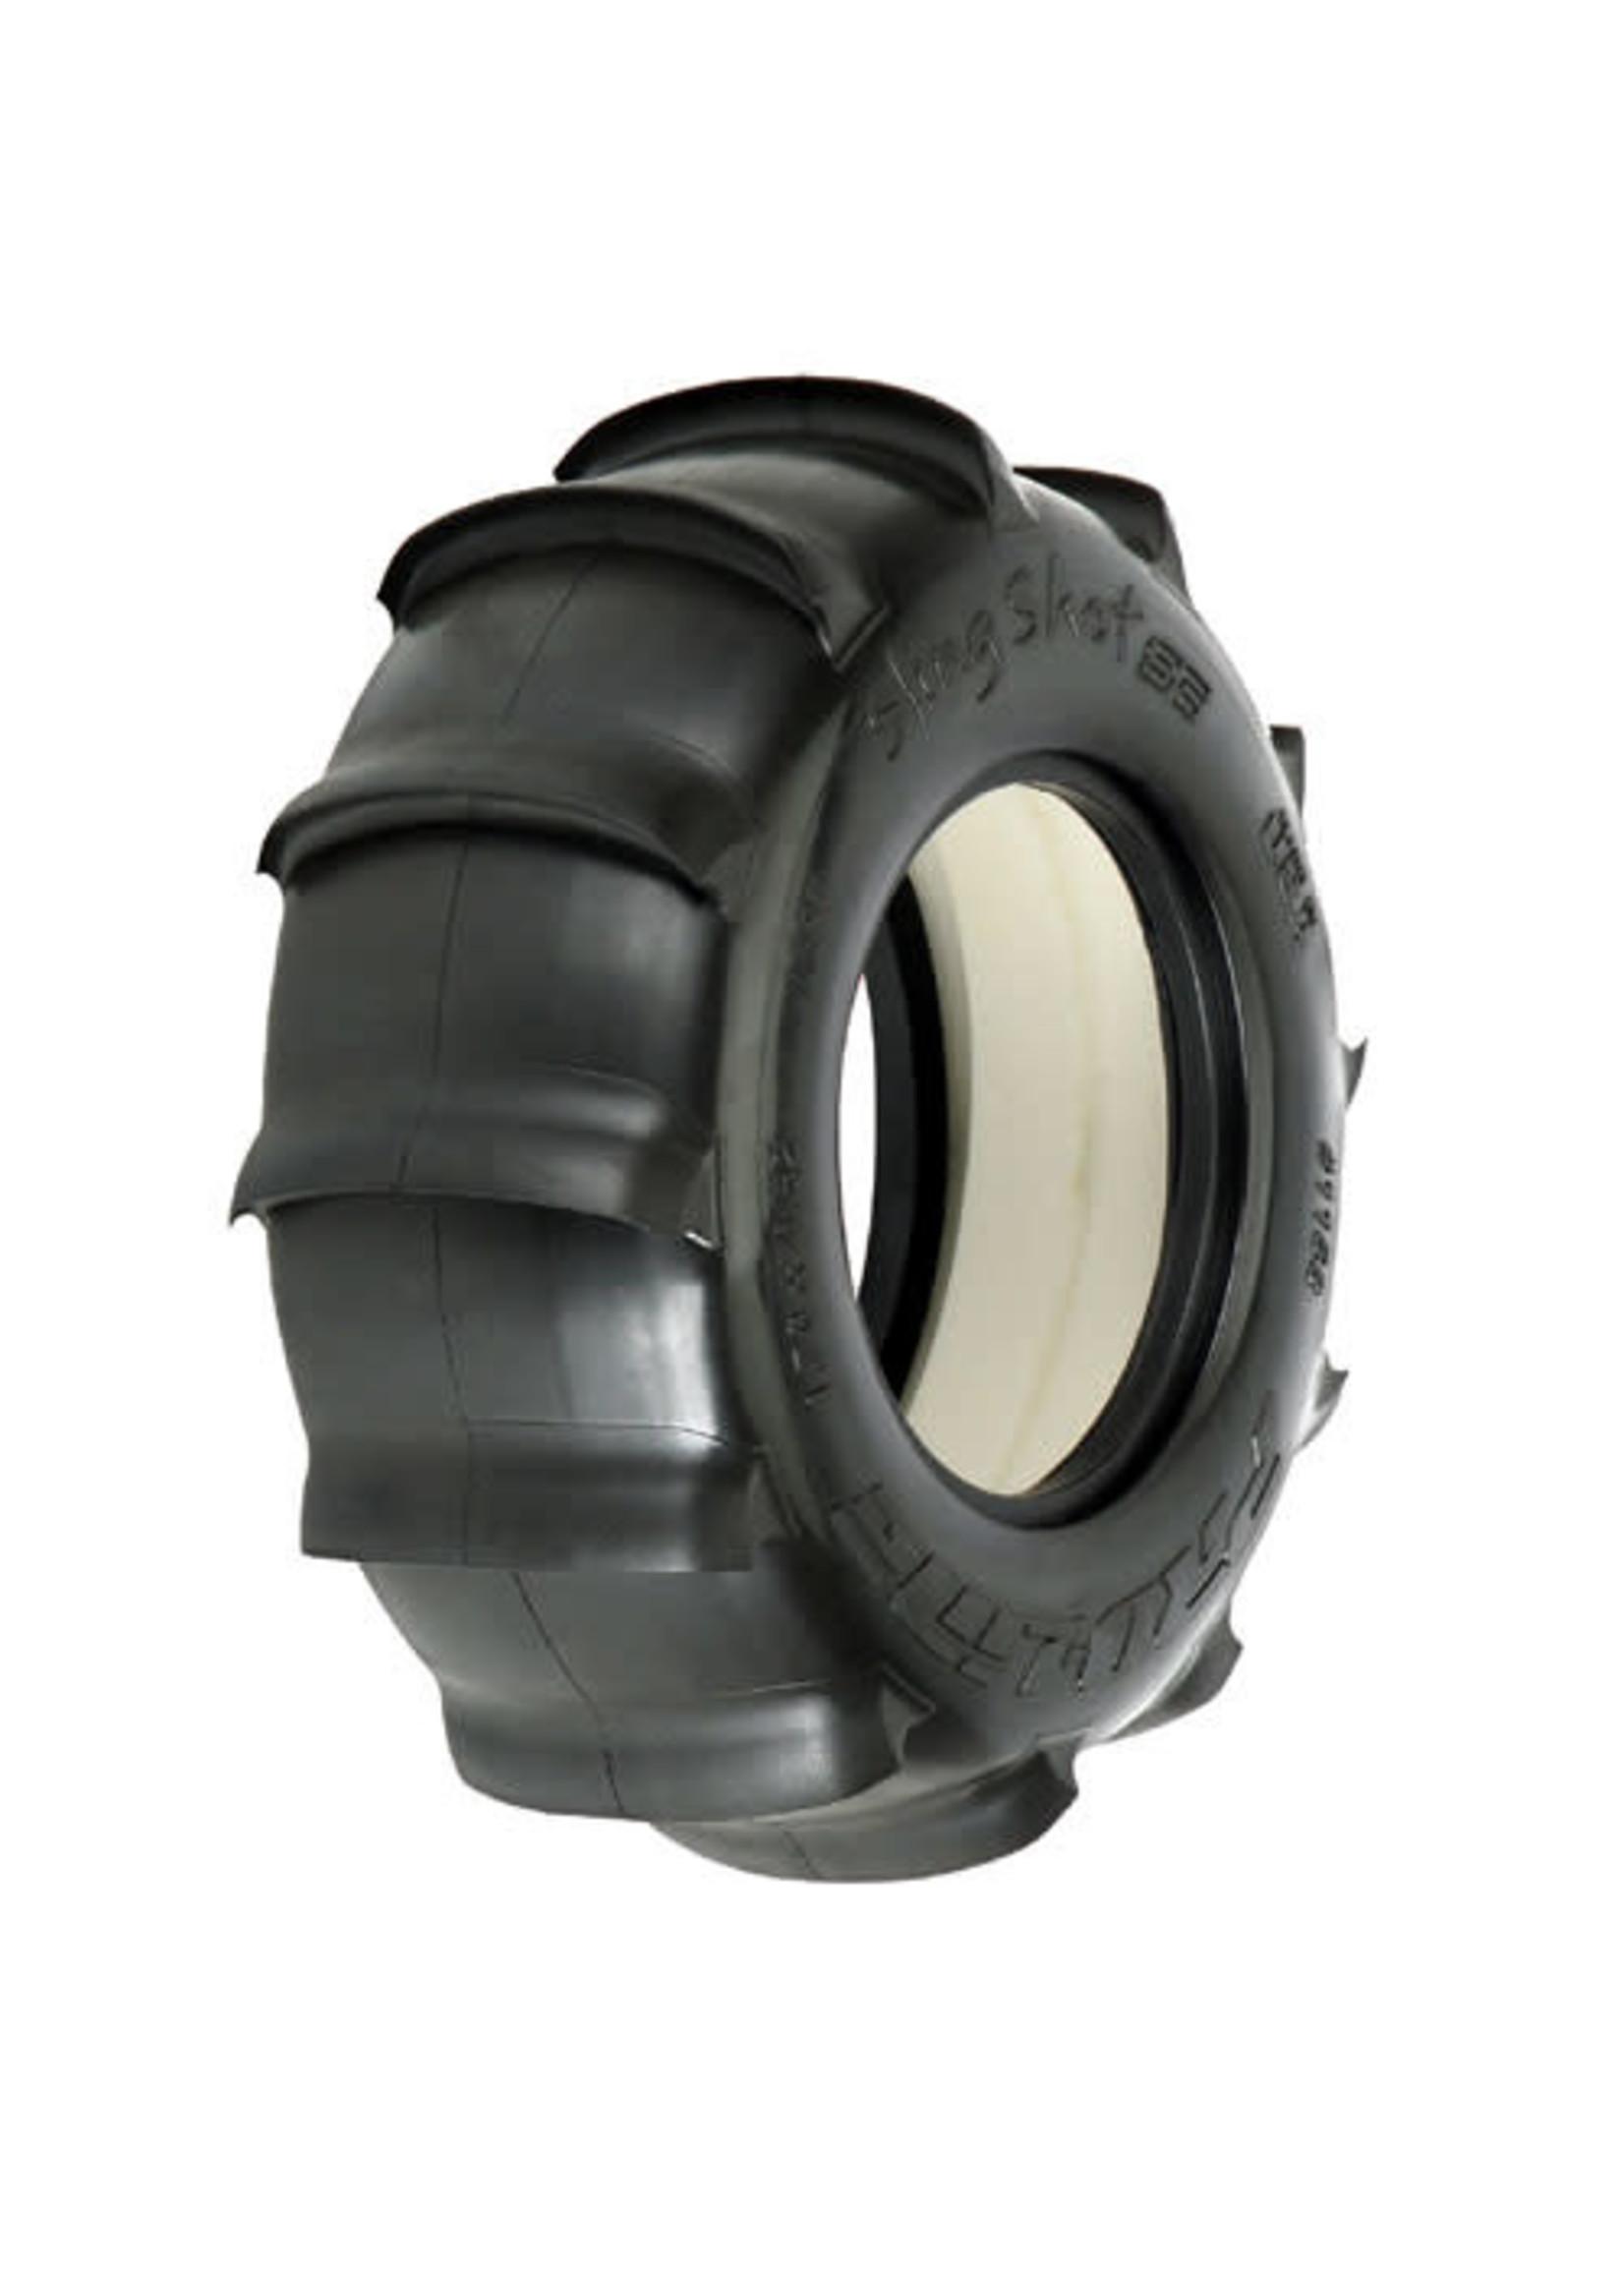 Pro-Line Racing PRO1158-00 Pro-Line Sling Shot SC 2.2/3.0 Short Course Paddle Tires (2) (XTR)